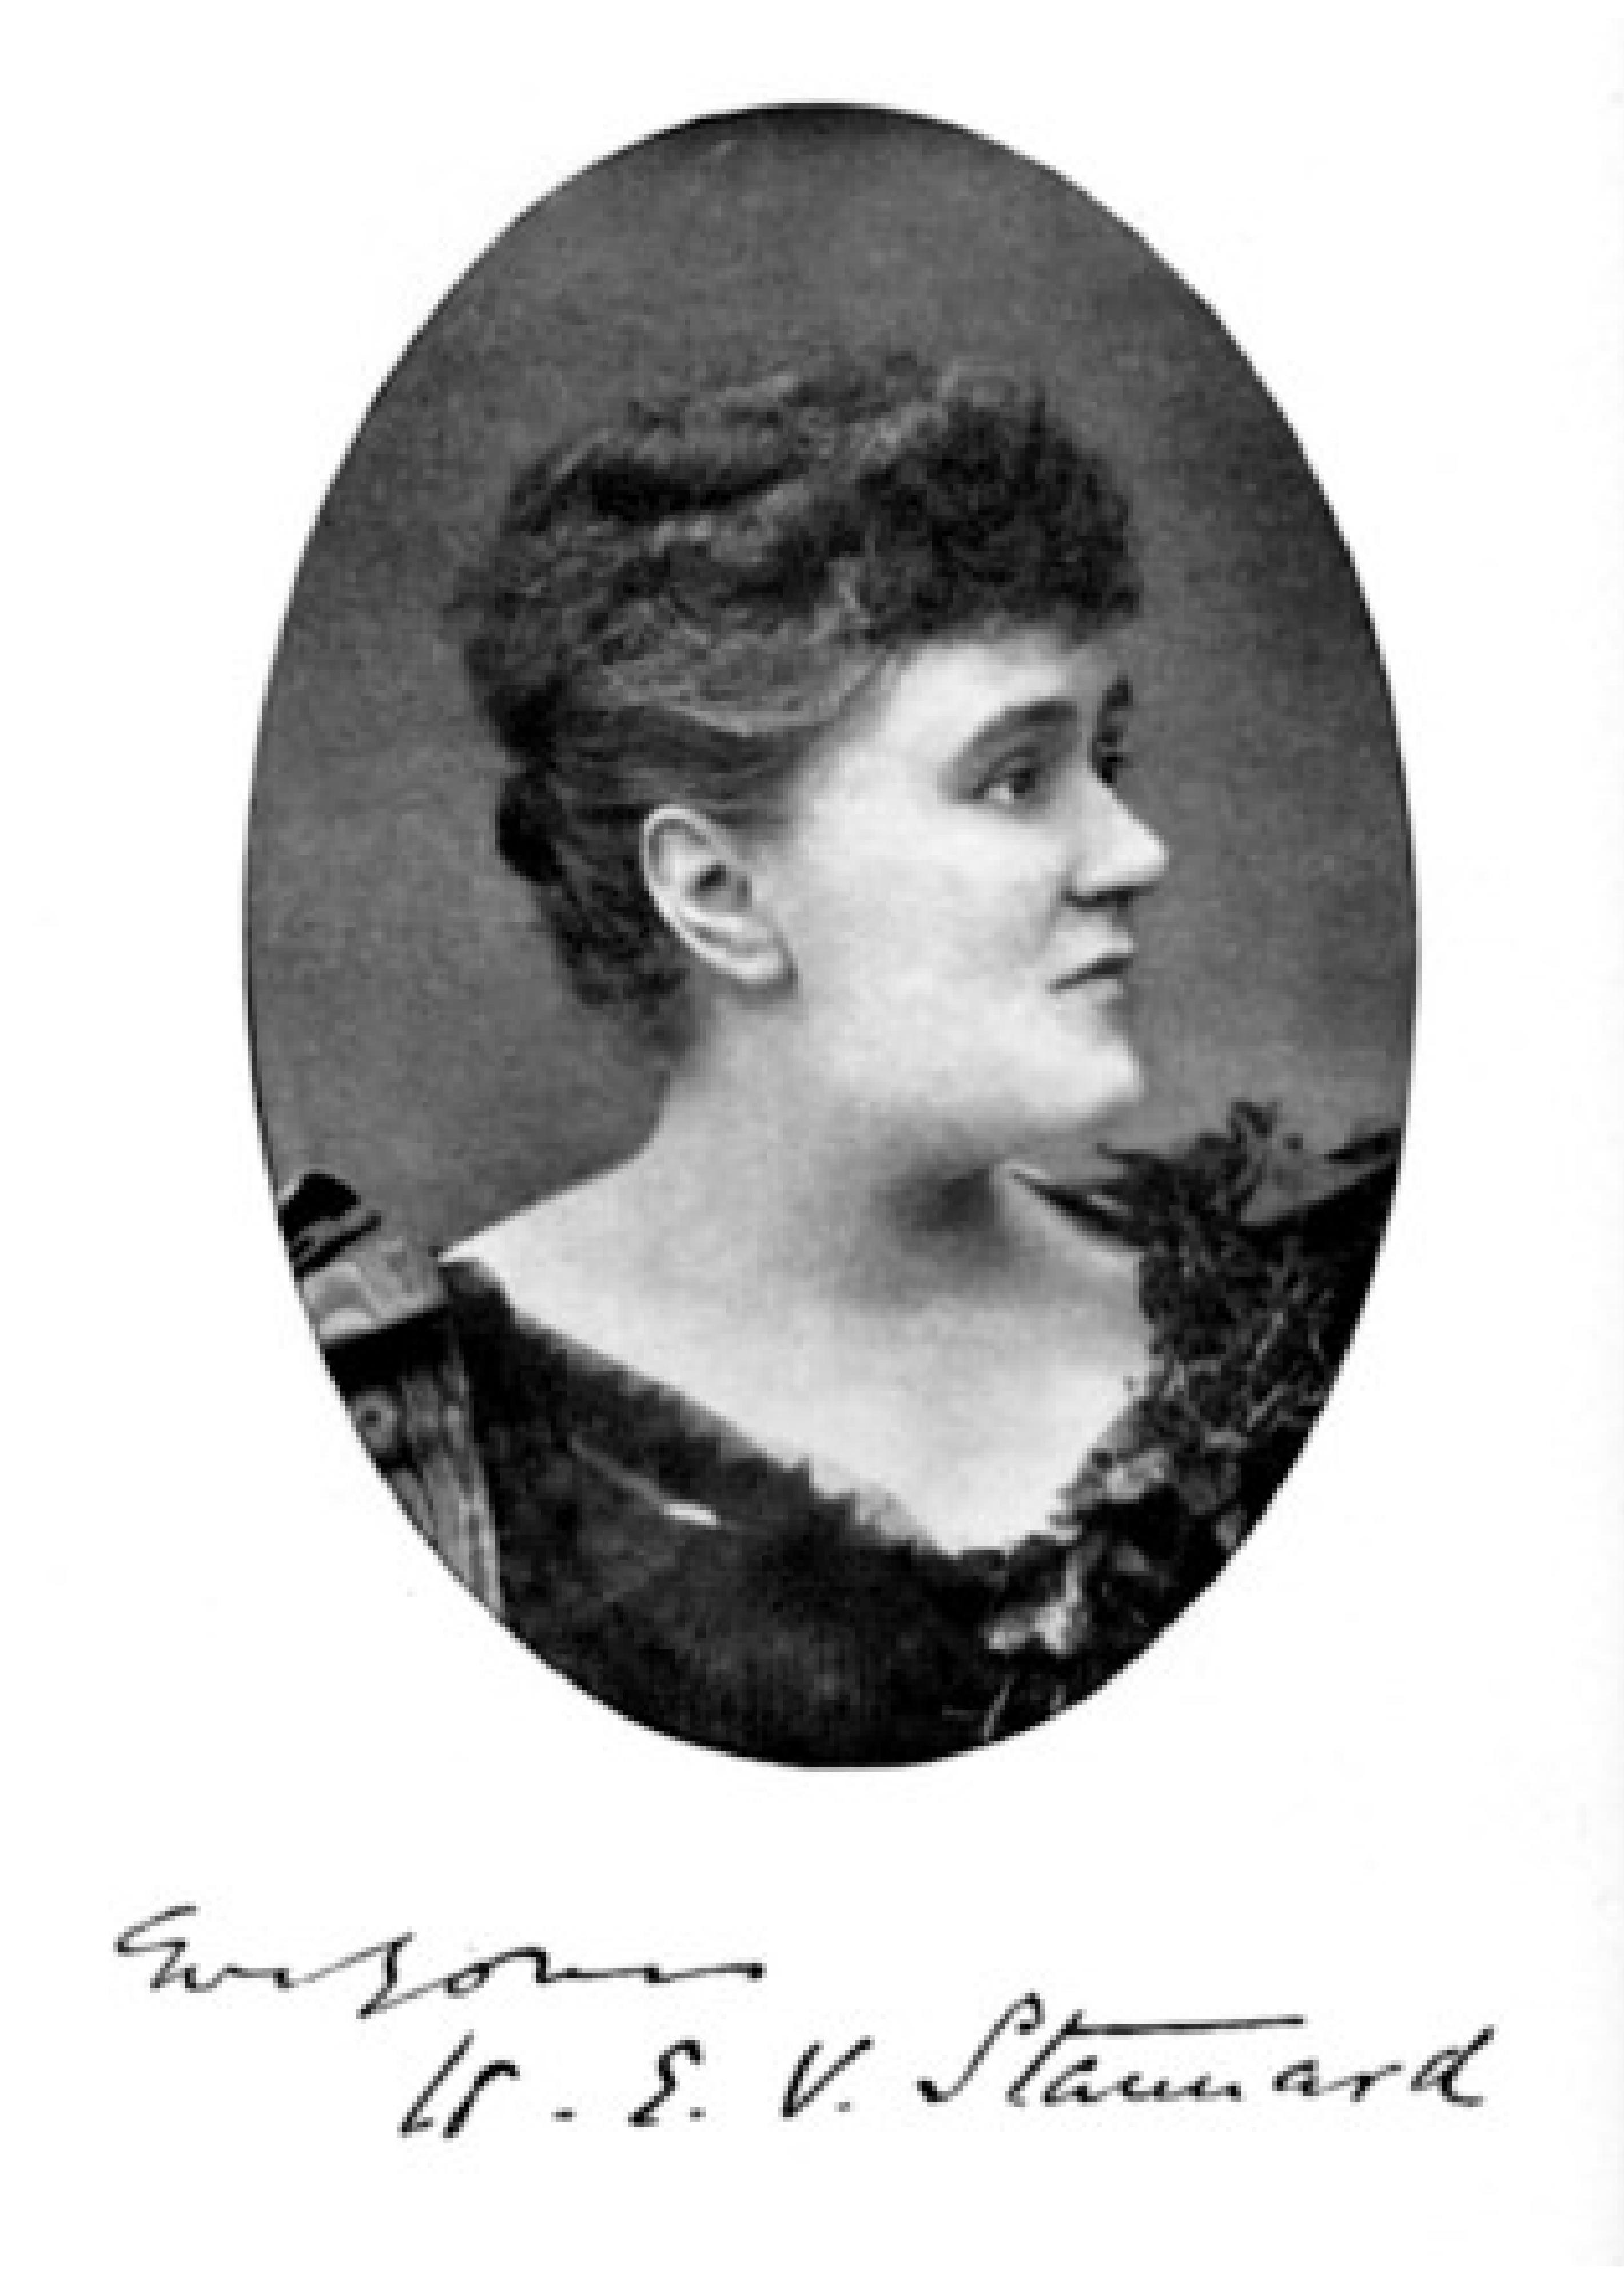 H. E. V. Stannard, 1893